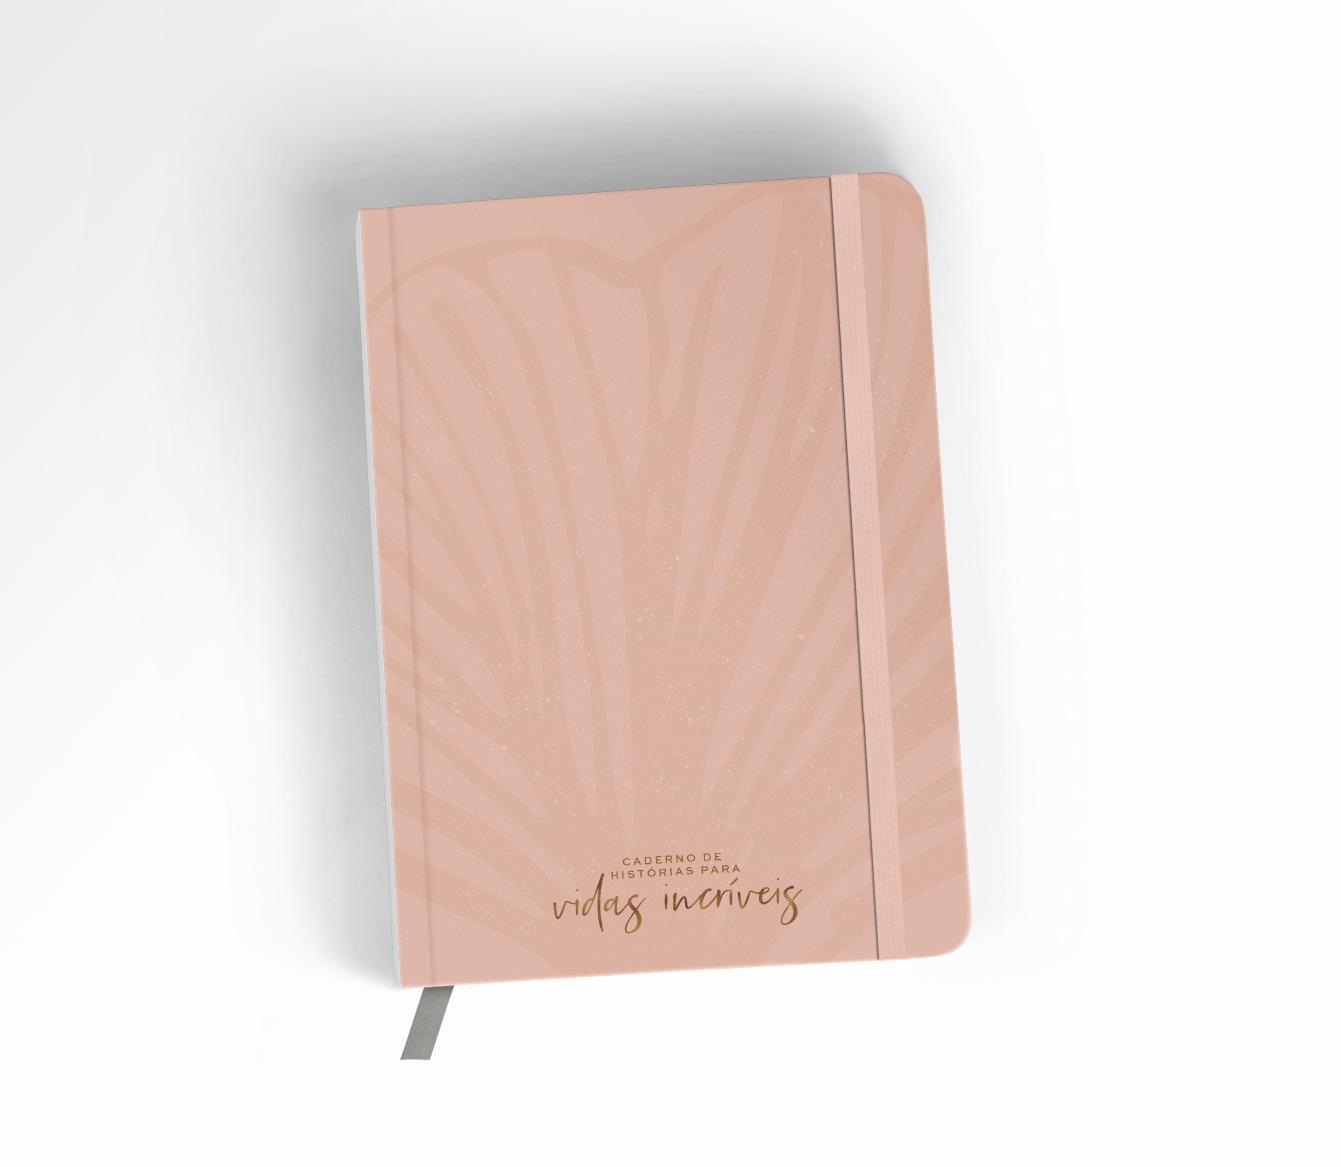 Caderno de Histórias para Vidas Incríveis - Rosé